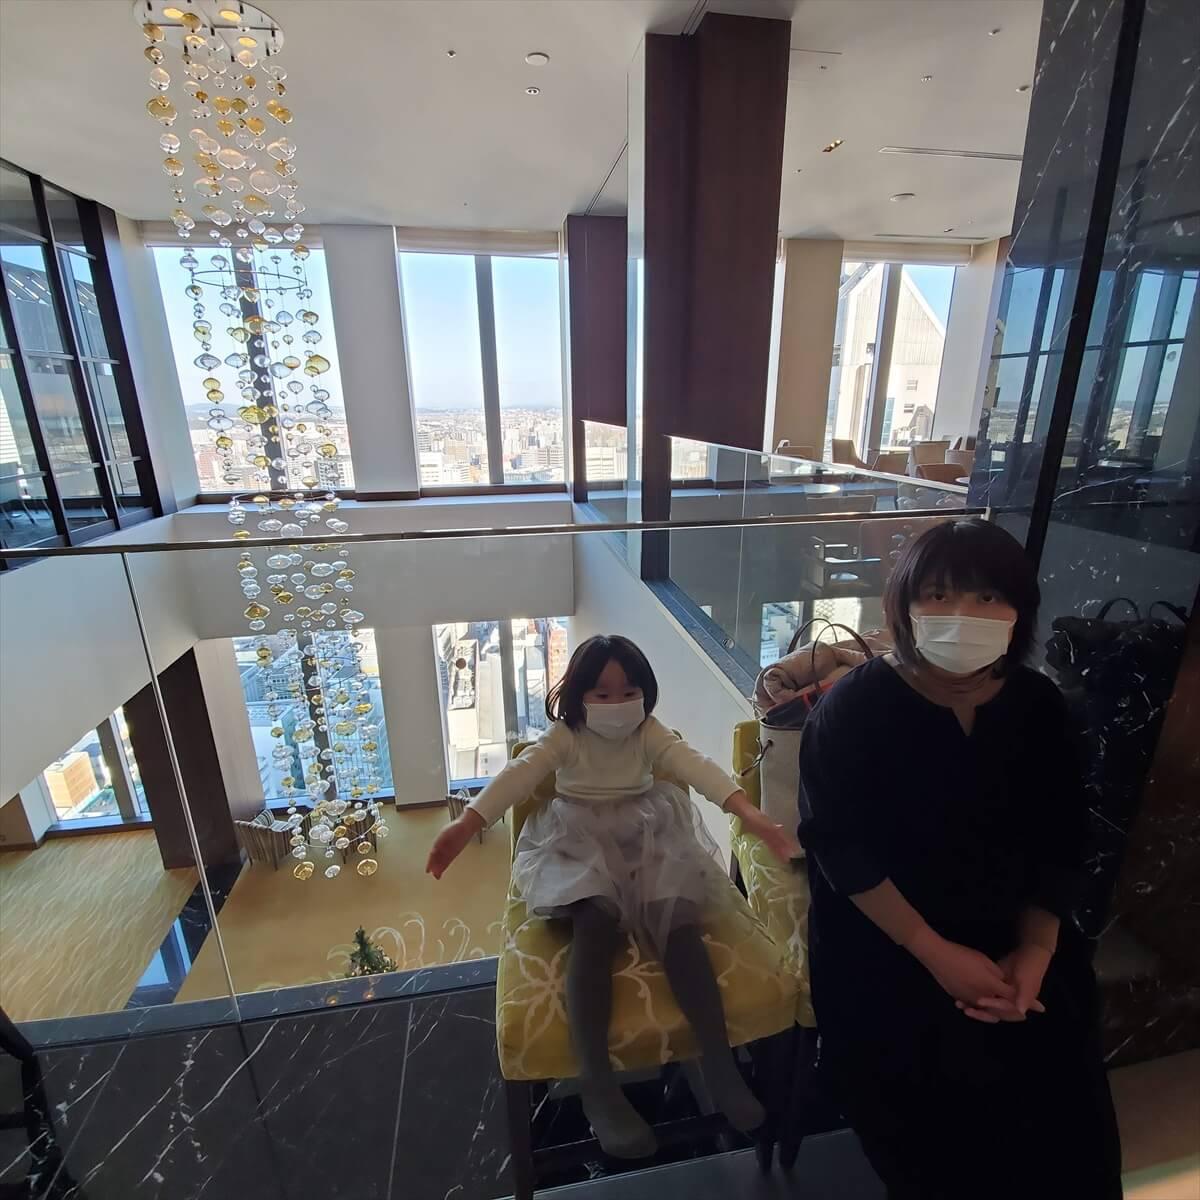 ウェスティンホテル仙台のレセプションフロアの吹き抜けで座る娘とりっちゃん